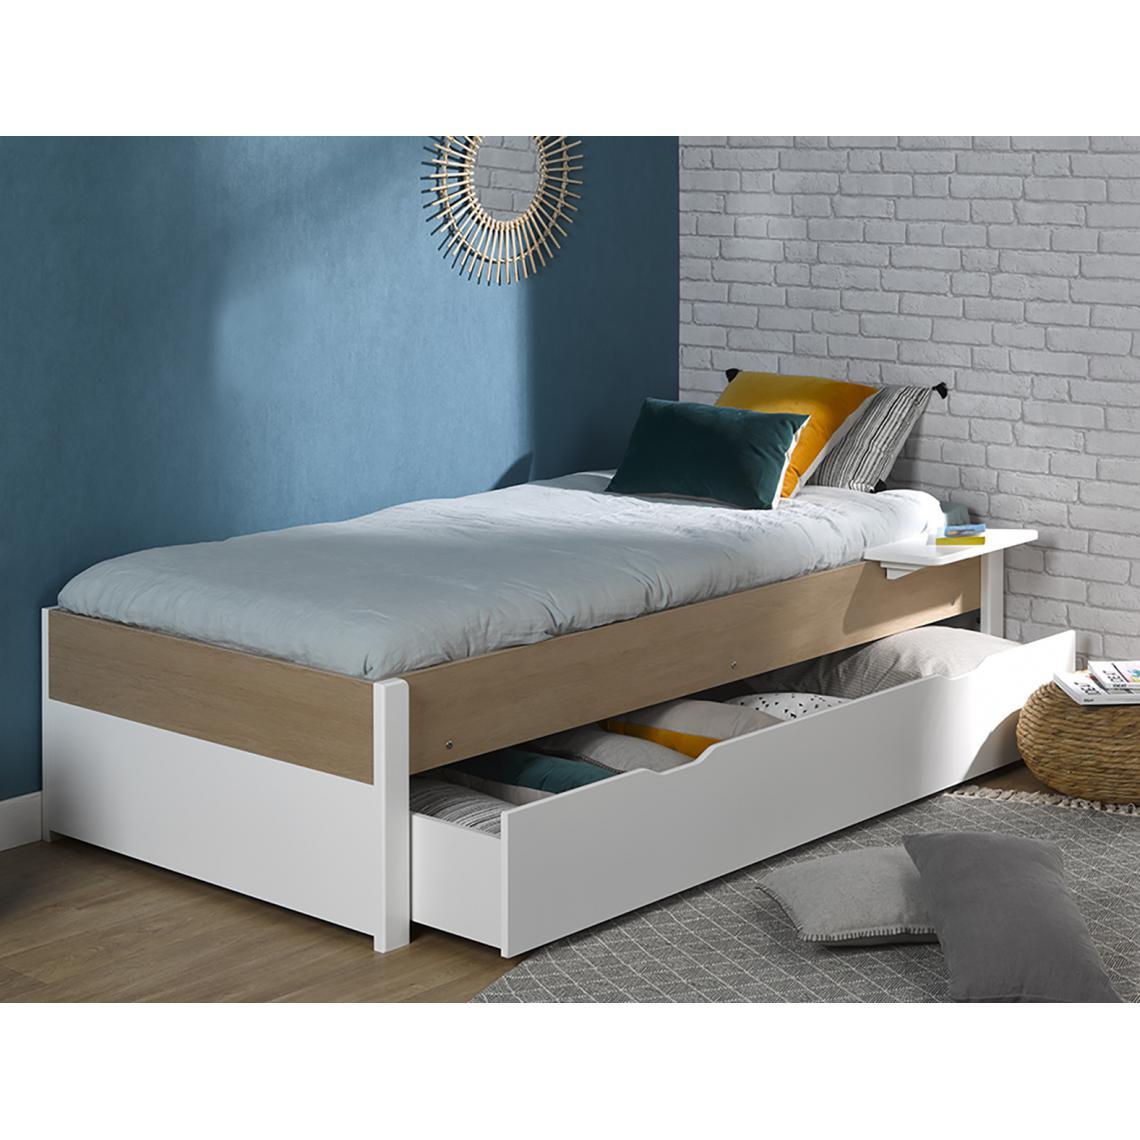 tiroir pour lit junior nomade couchage 90 190